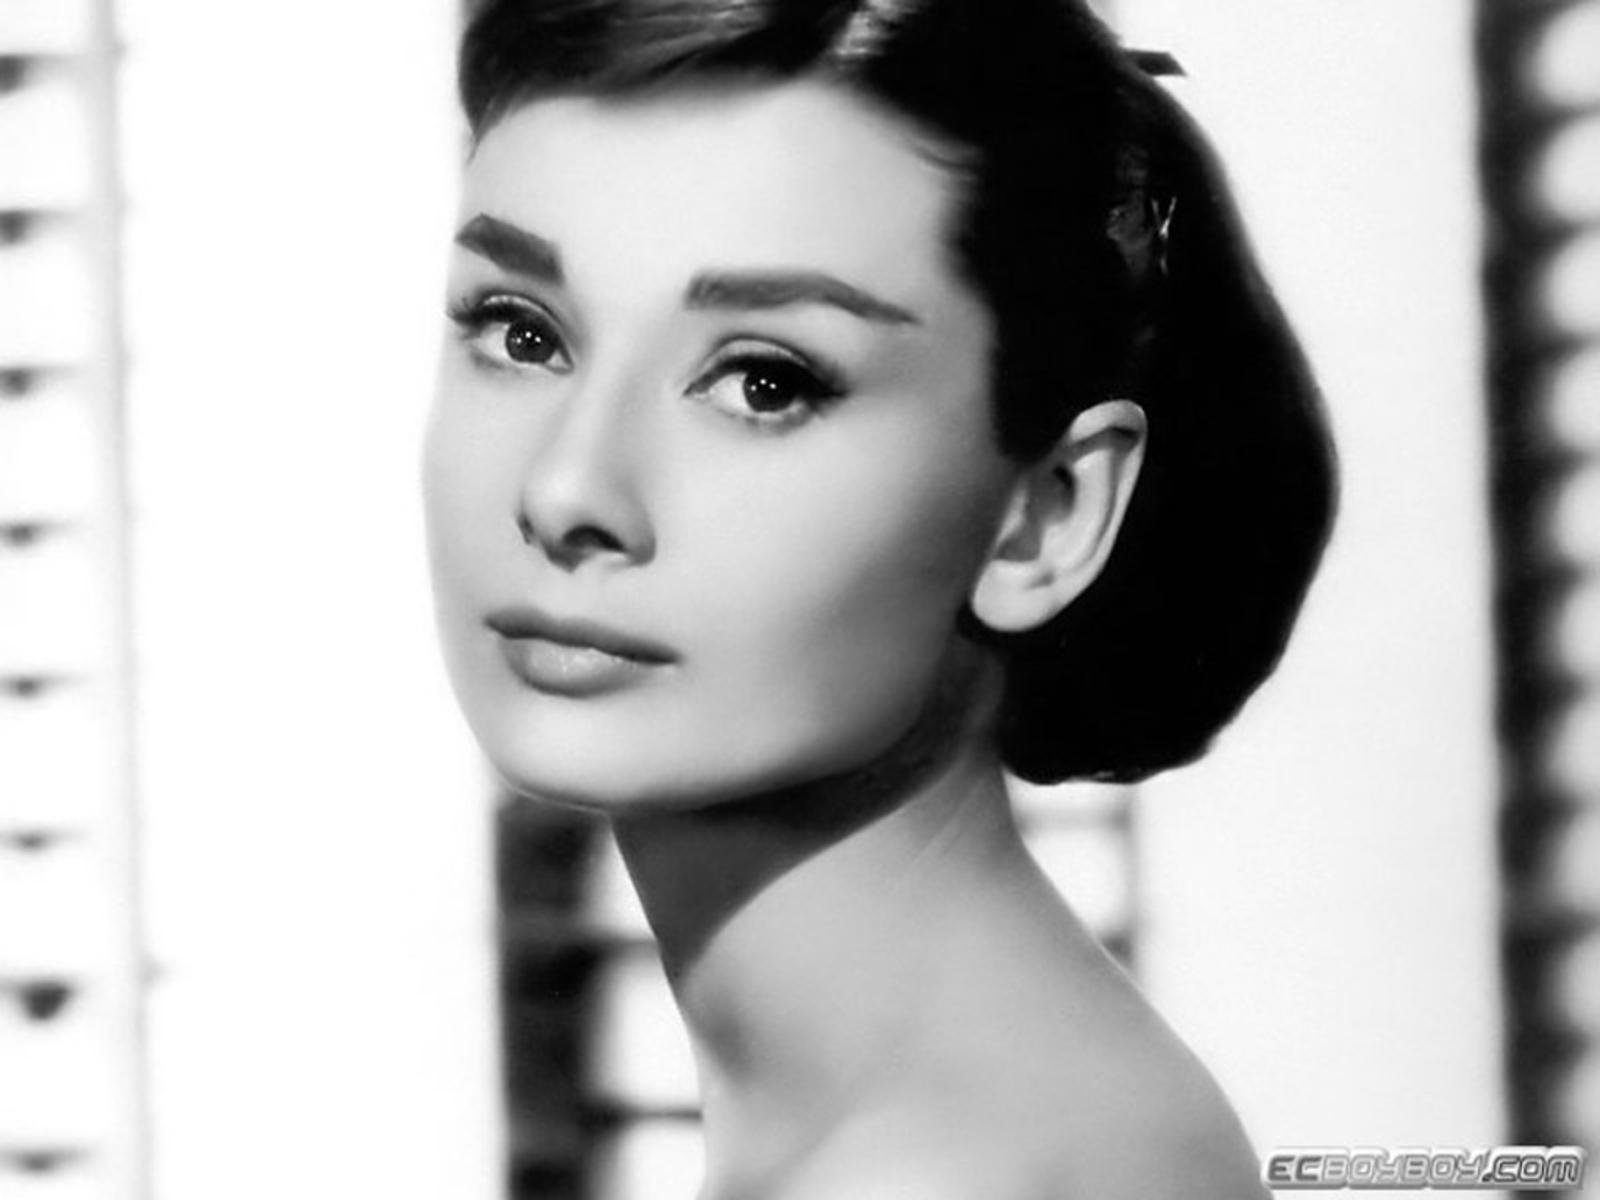 Audrey Hepburn Wallpaper 1600x1200 Audrey Hepburn Monochrome 1600x1200